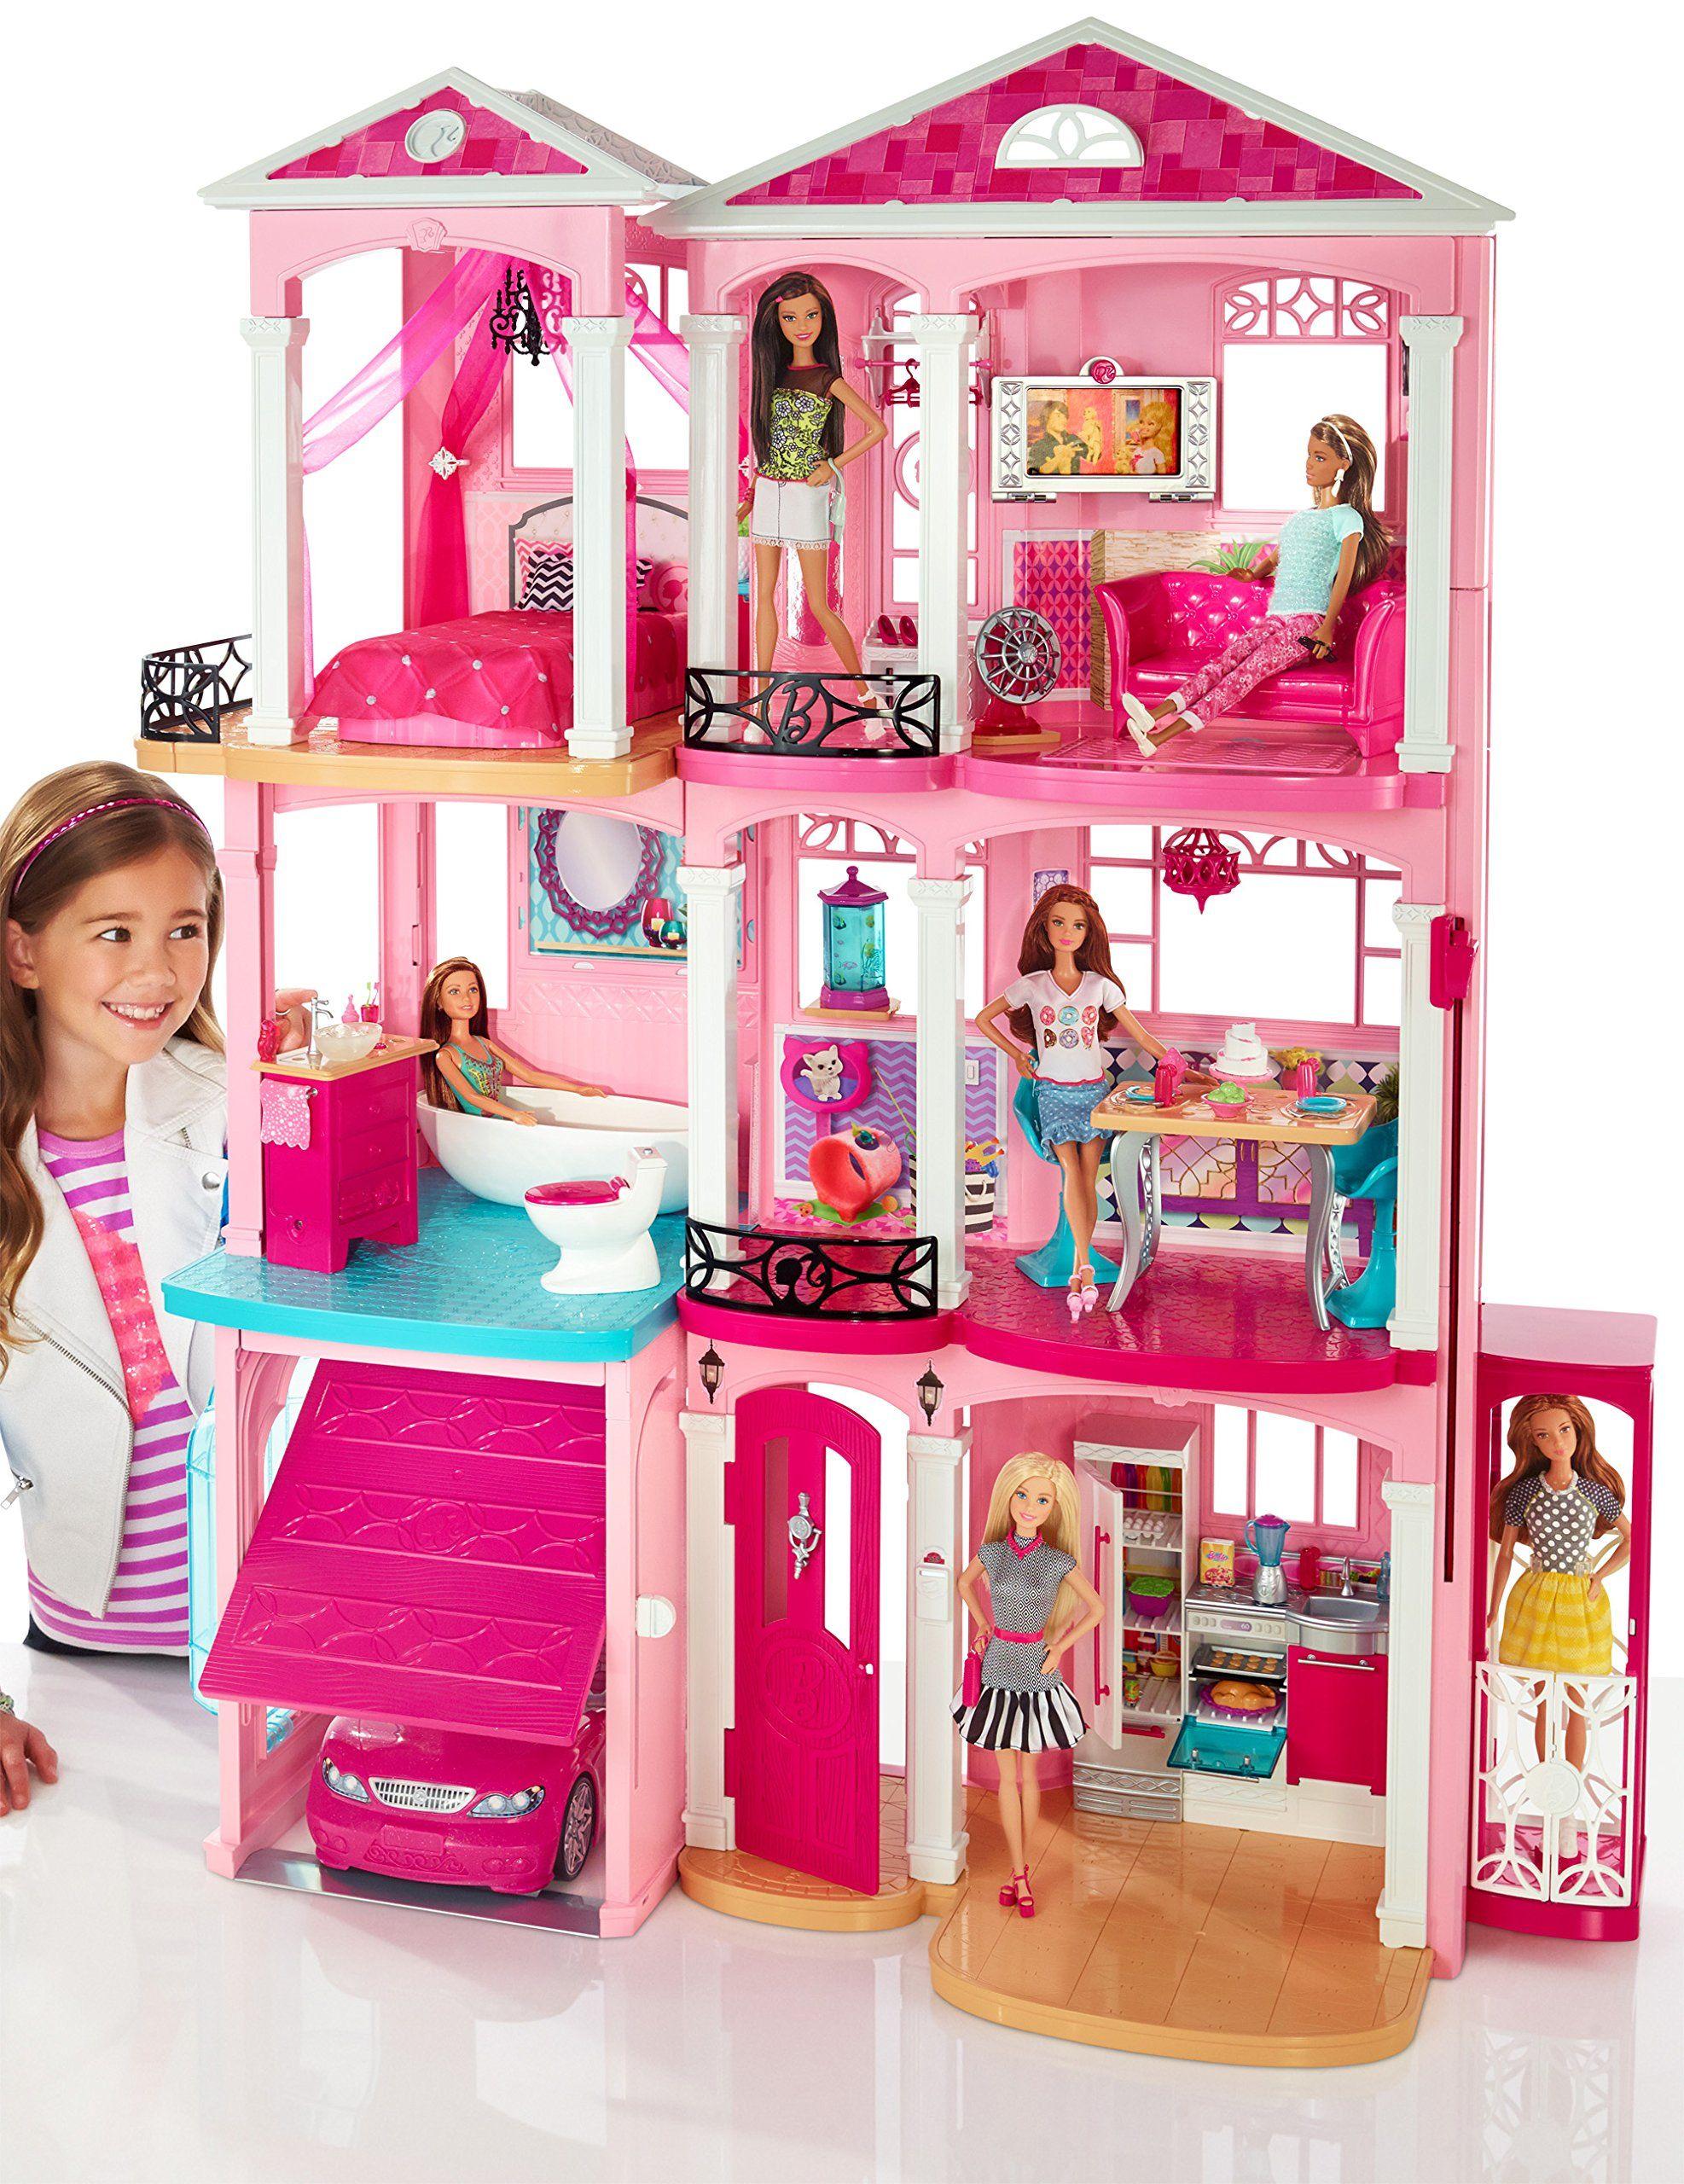 Amazon.com: Barbie Dreamhouse: Toys \u0026 Games   Barbie, Case delle